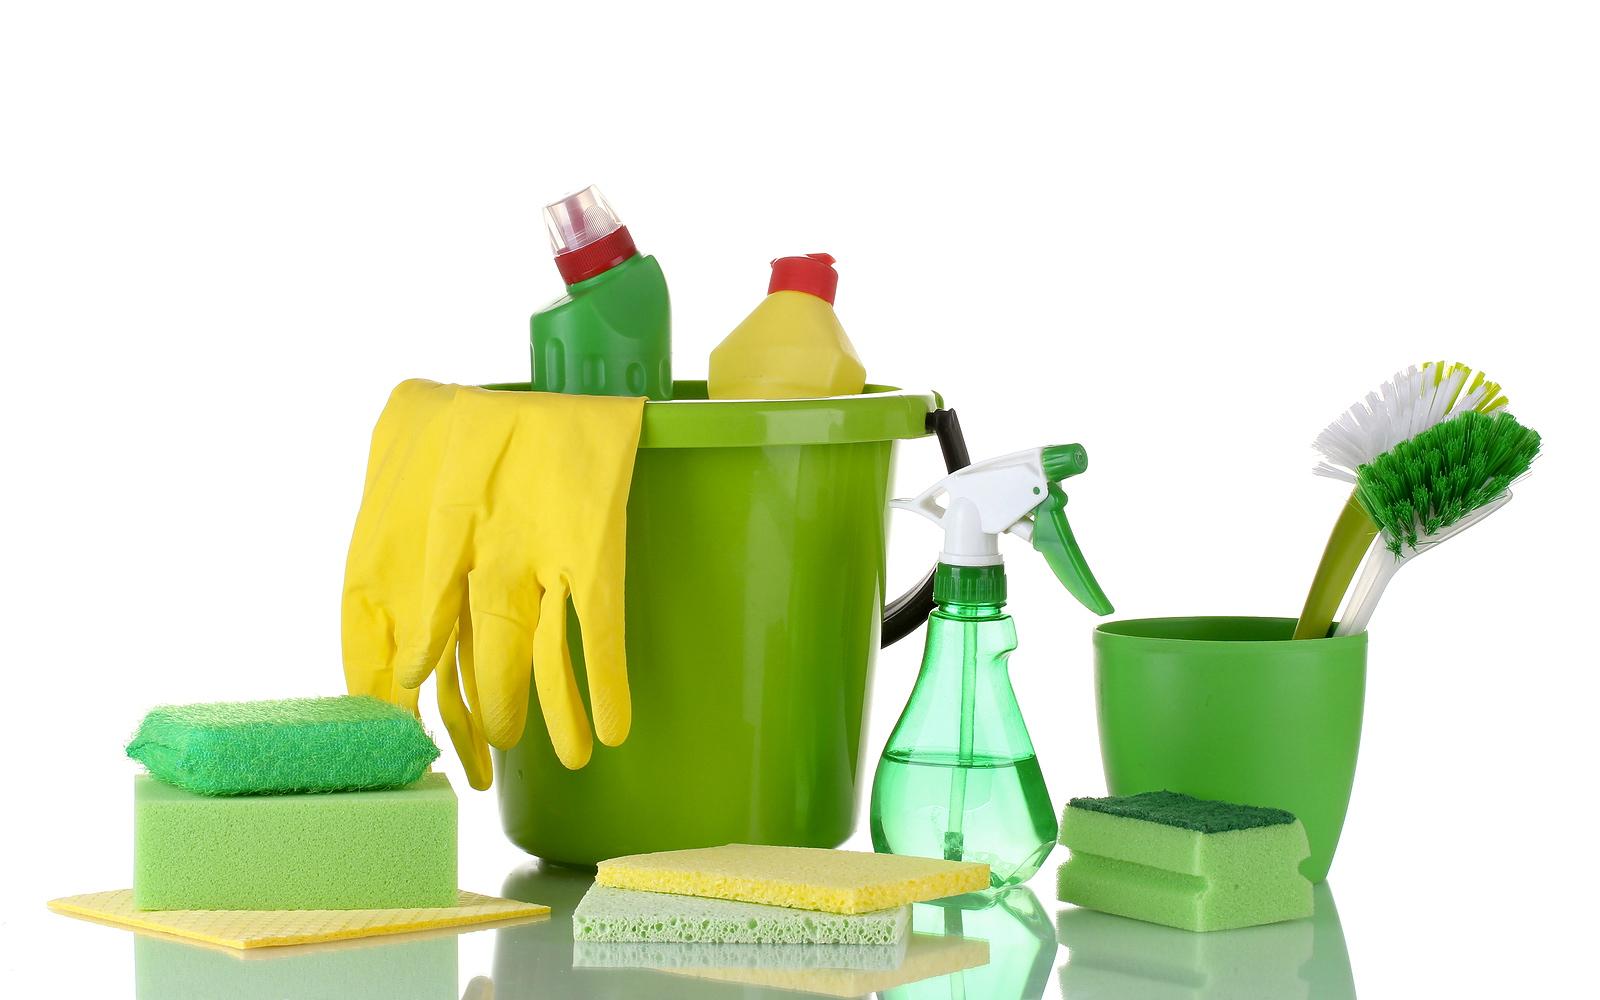 dezinfectarea suprafețelor